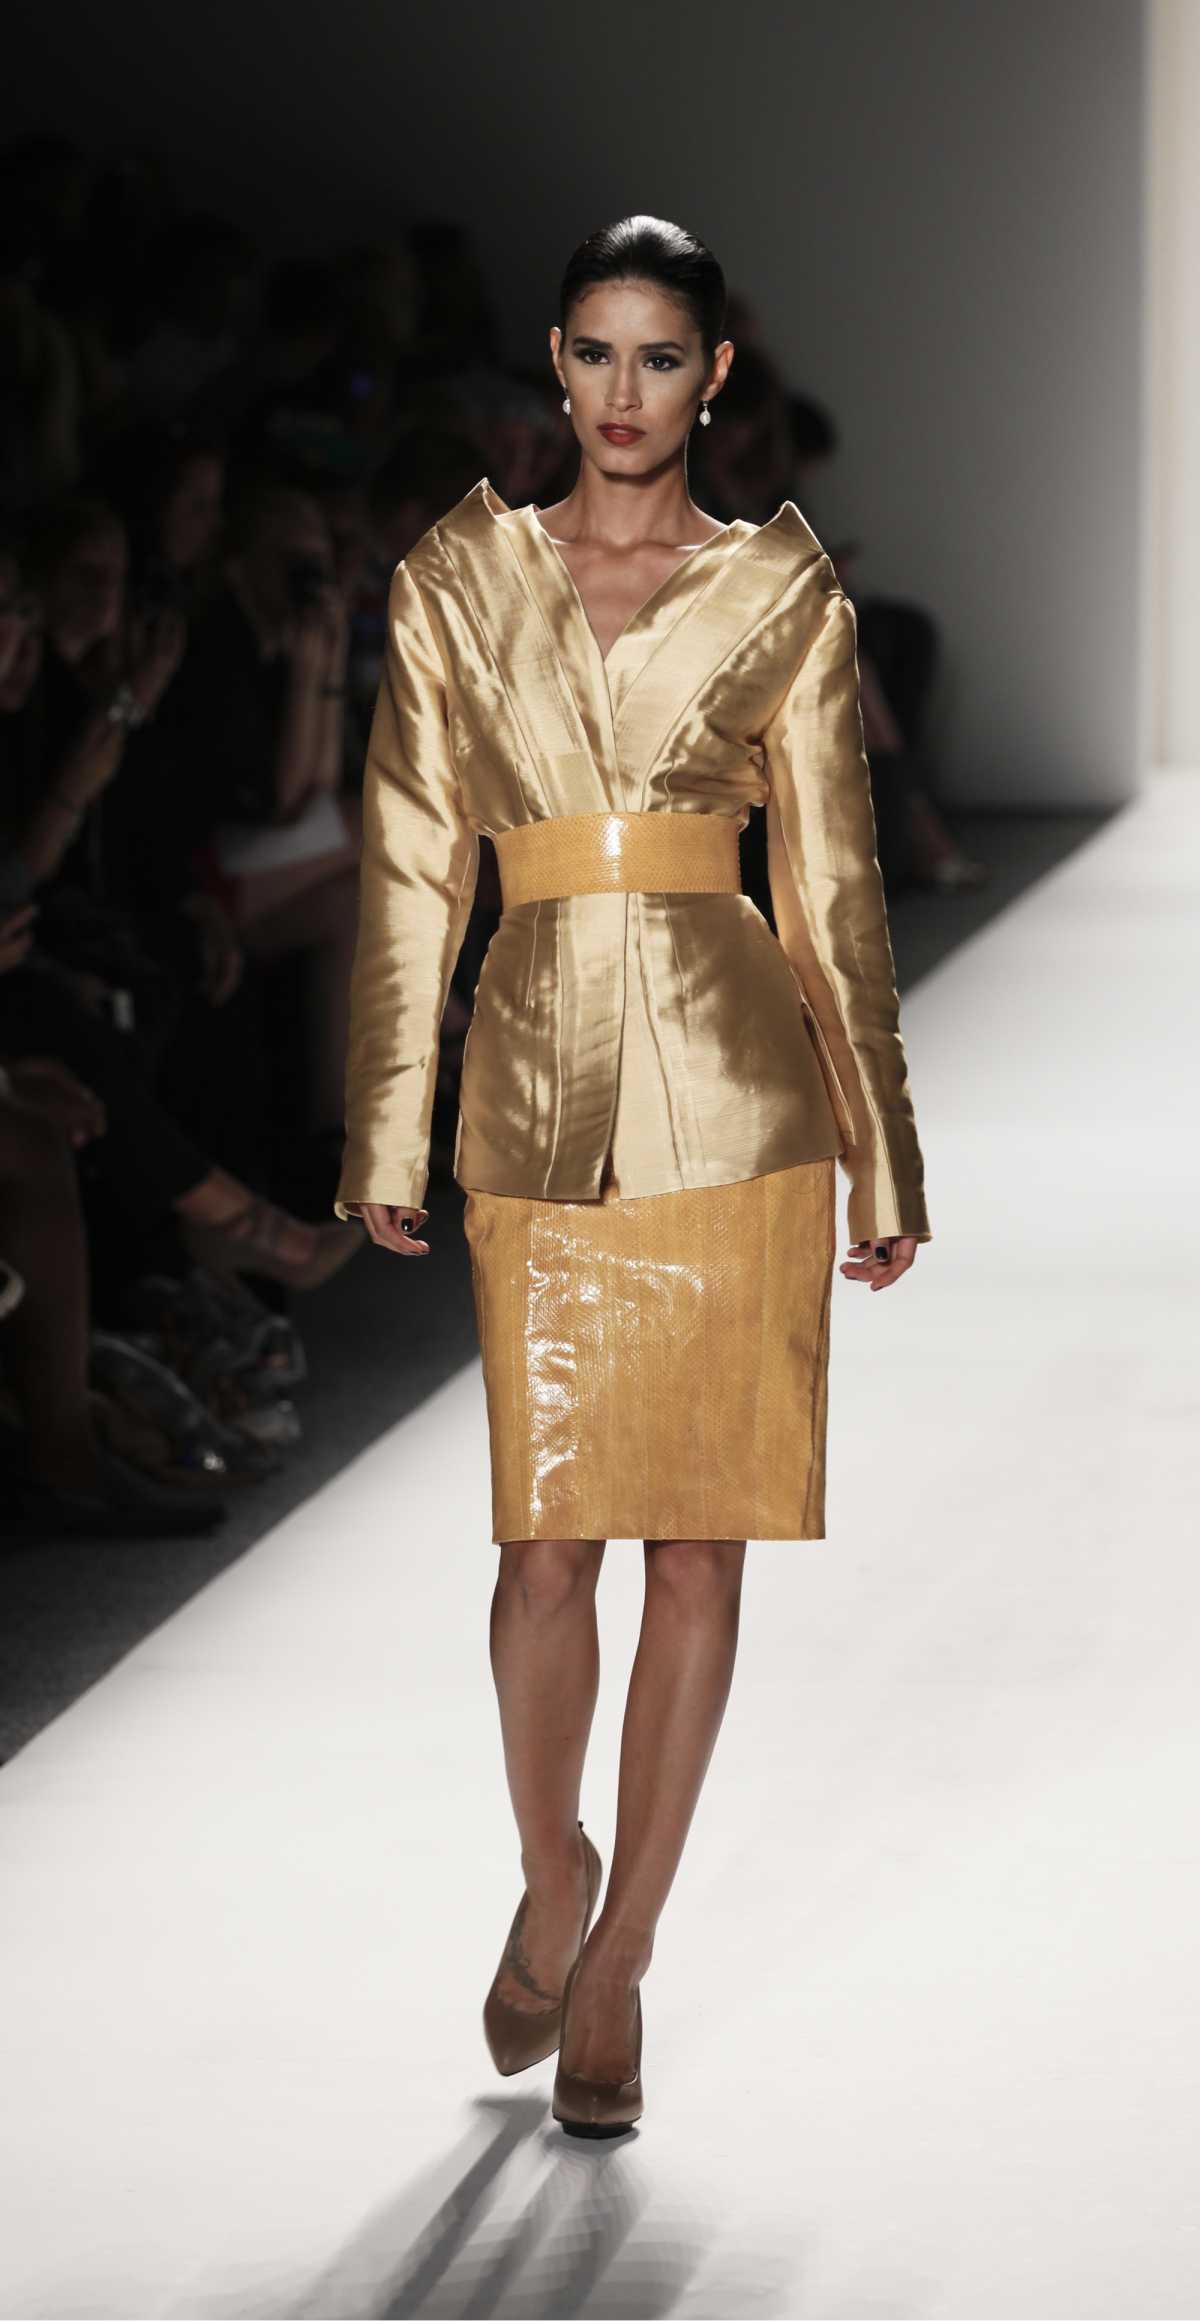 Produção formal com casaco dourado